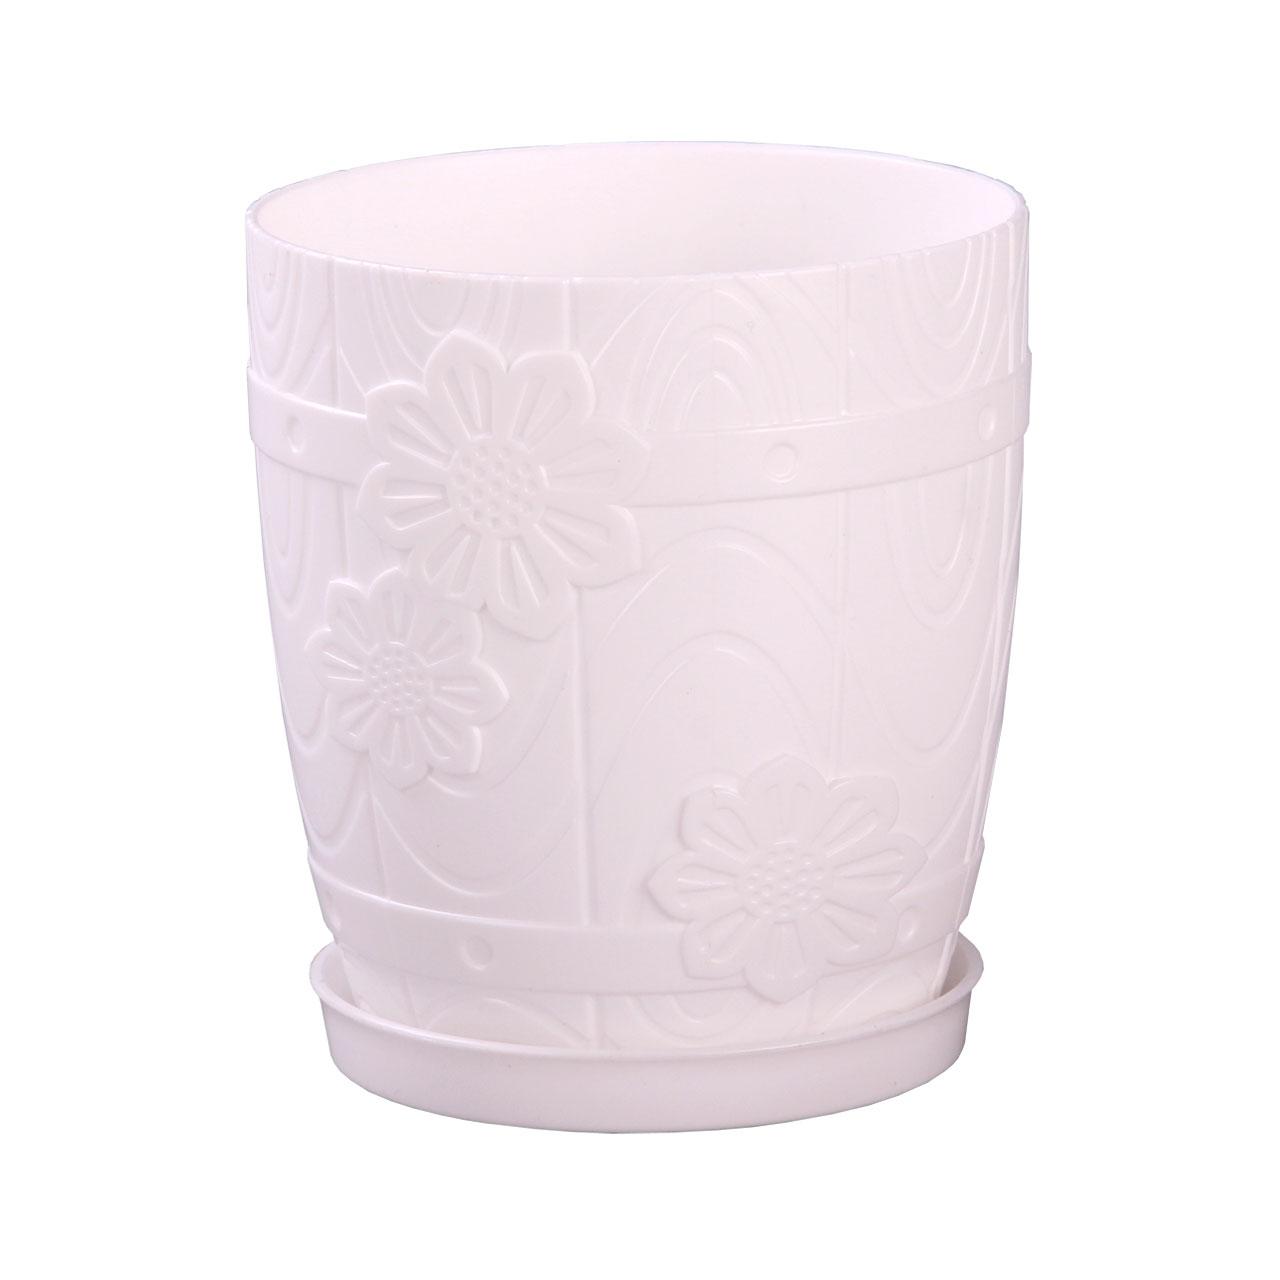 Горшок цветочный Альтернатива 14072 1.5 л